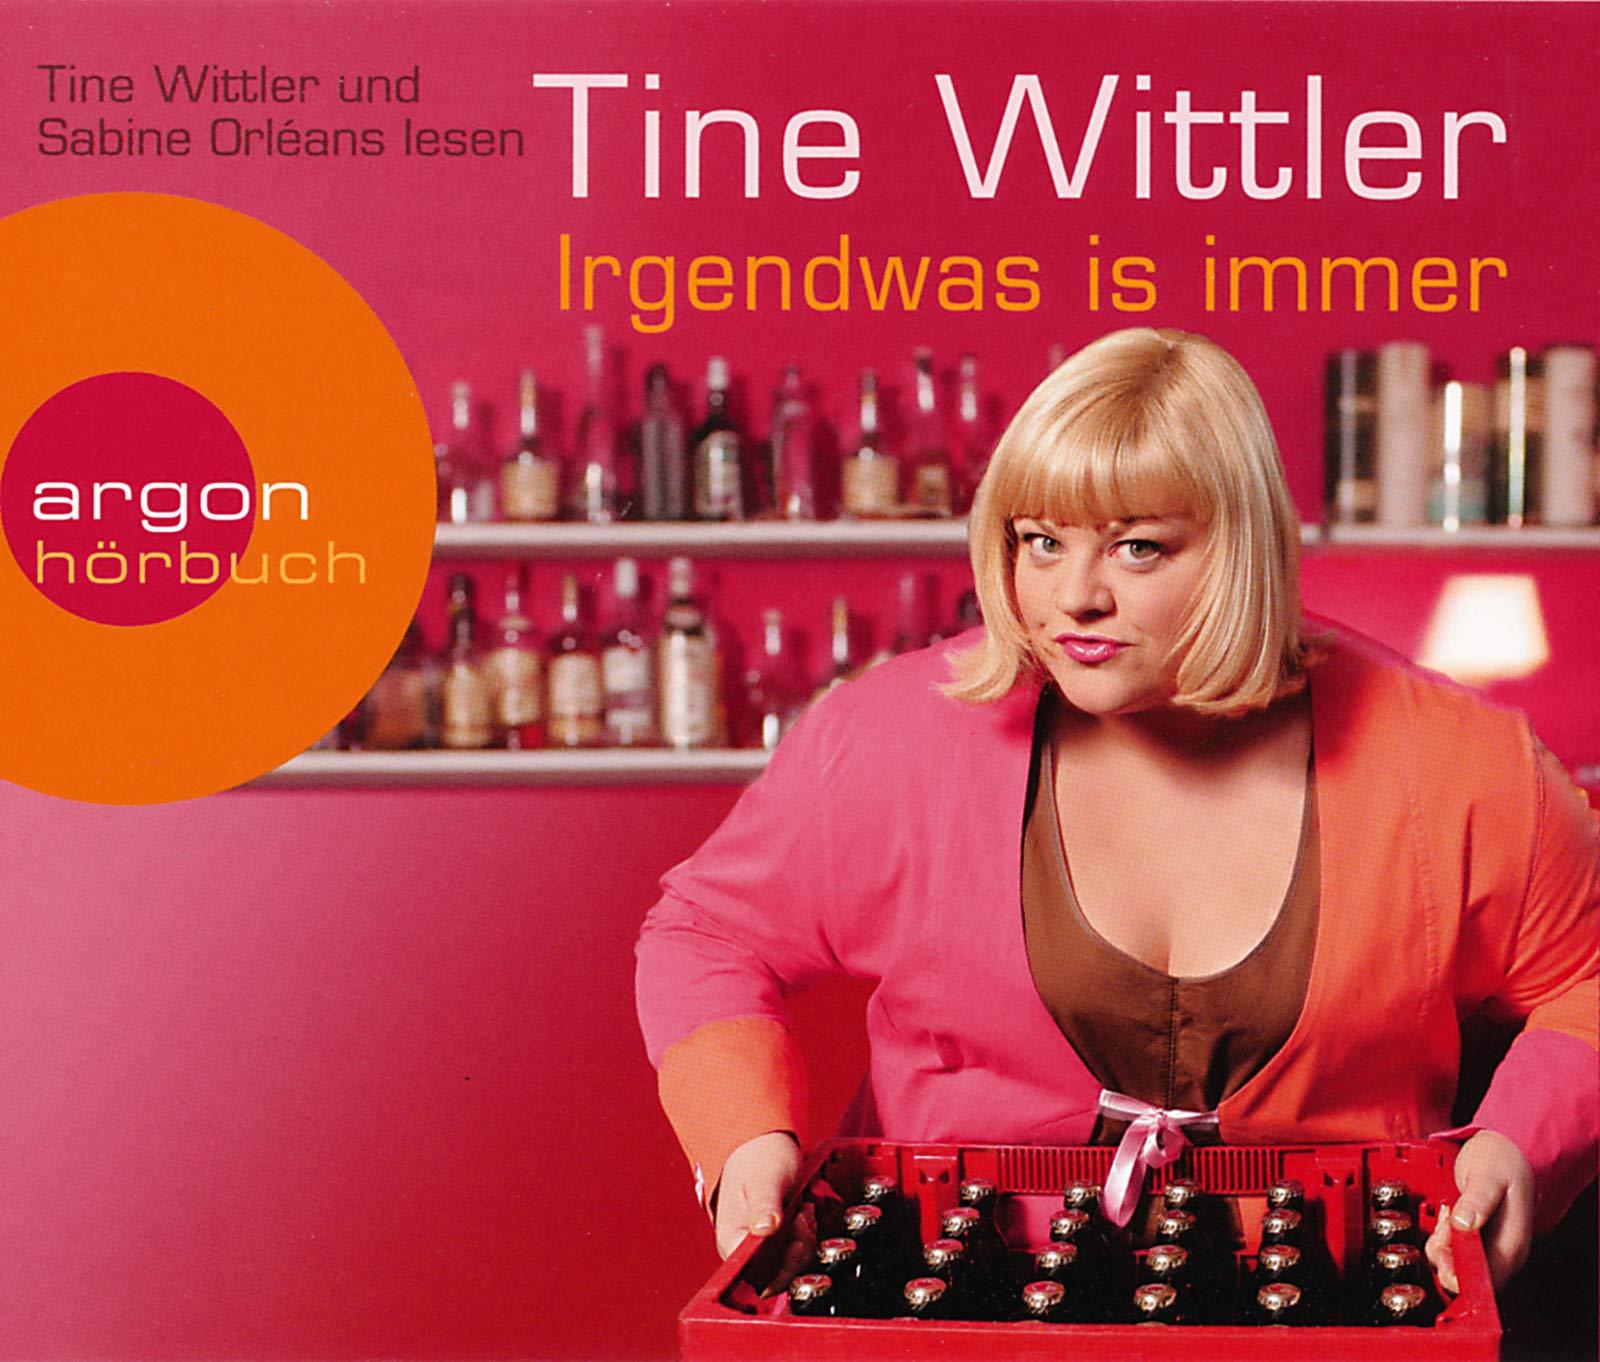 Irgendwas is immer: Amazon.de: Tine Wittler, Sabine Orléans: Bücher